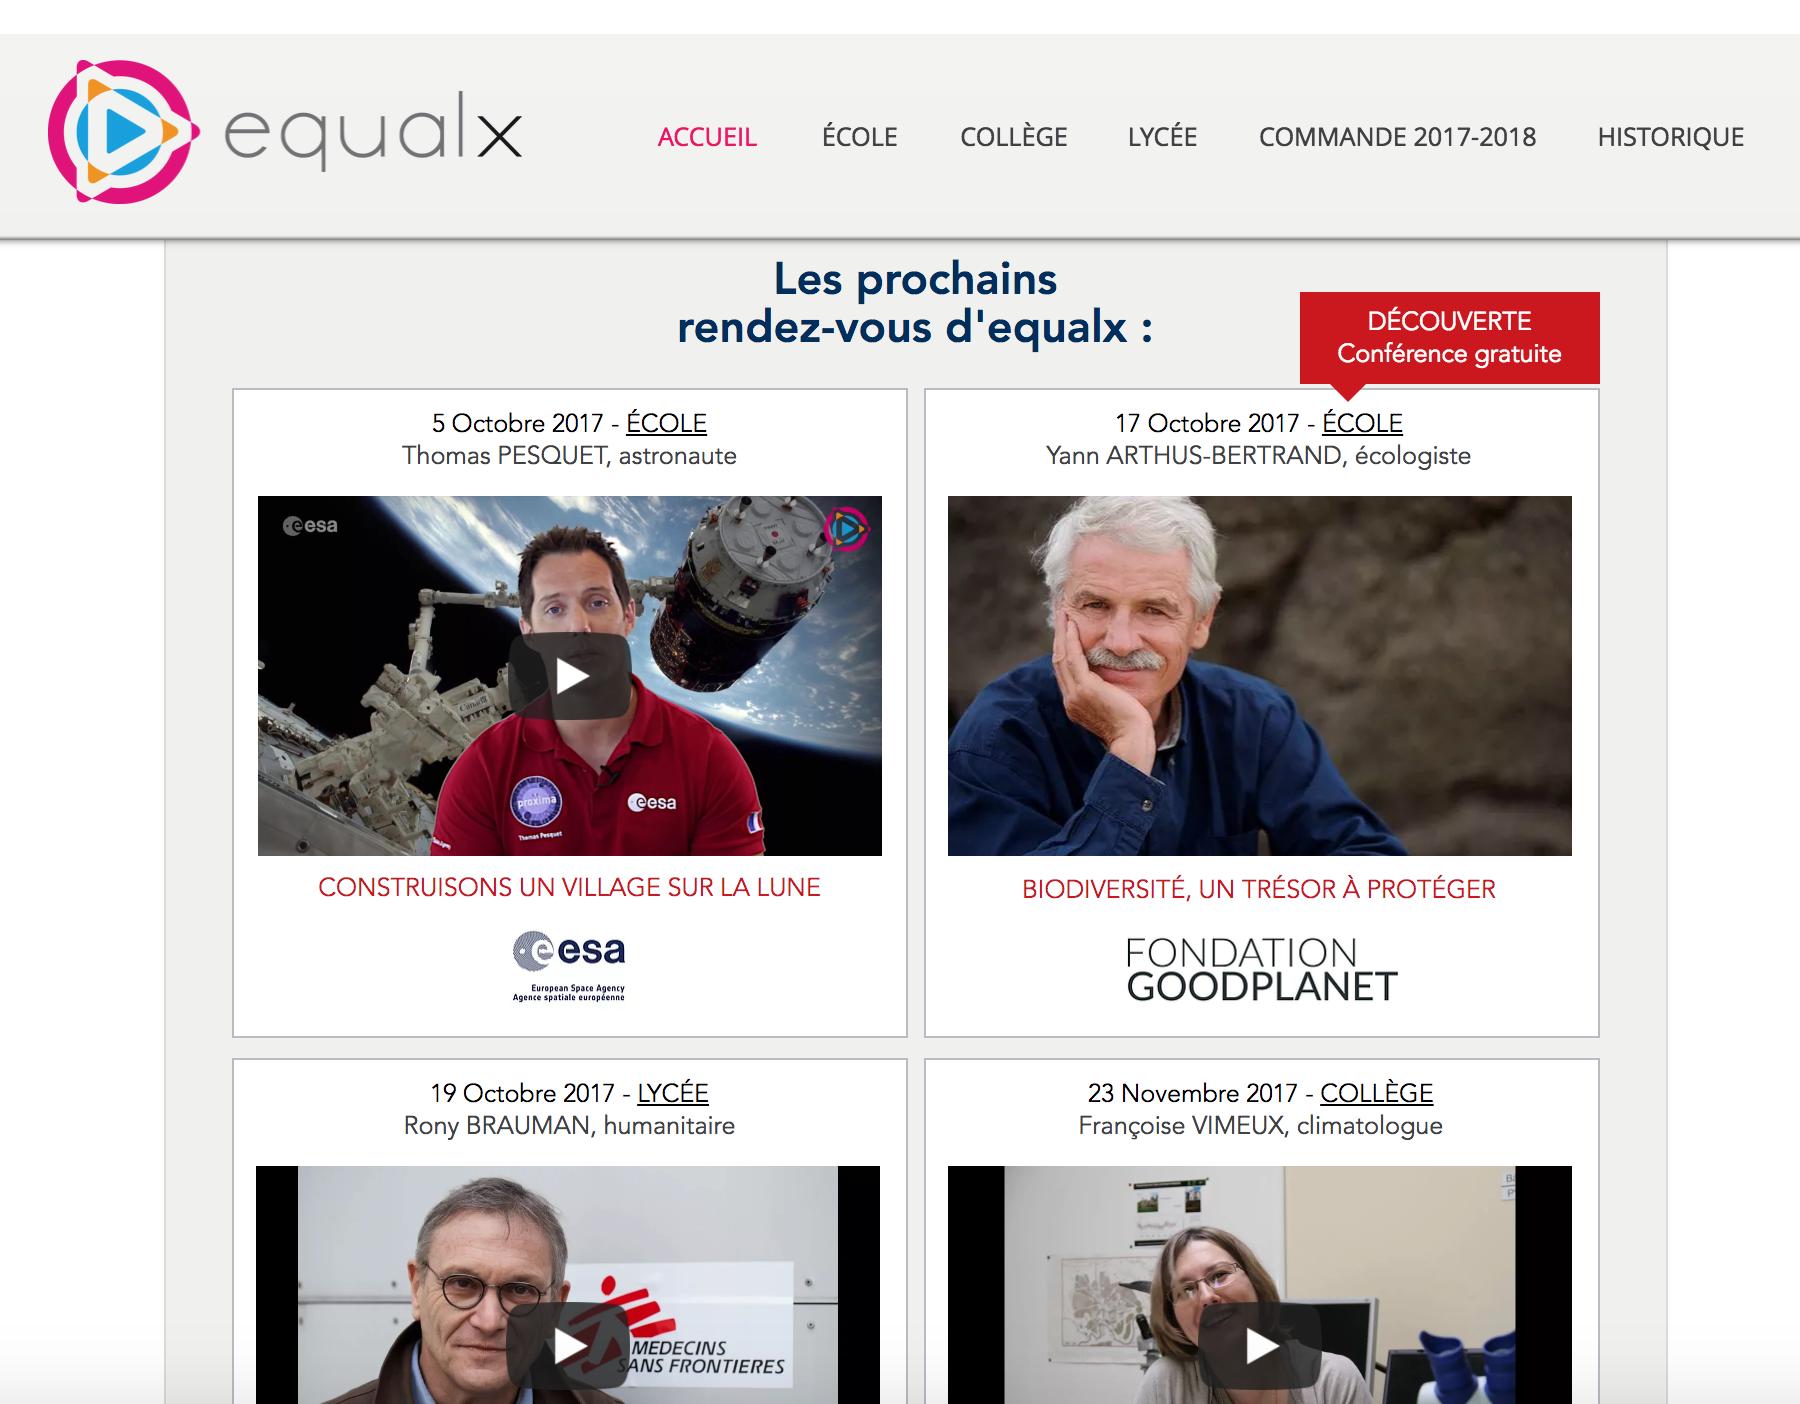 equalx.eu